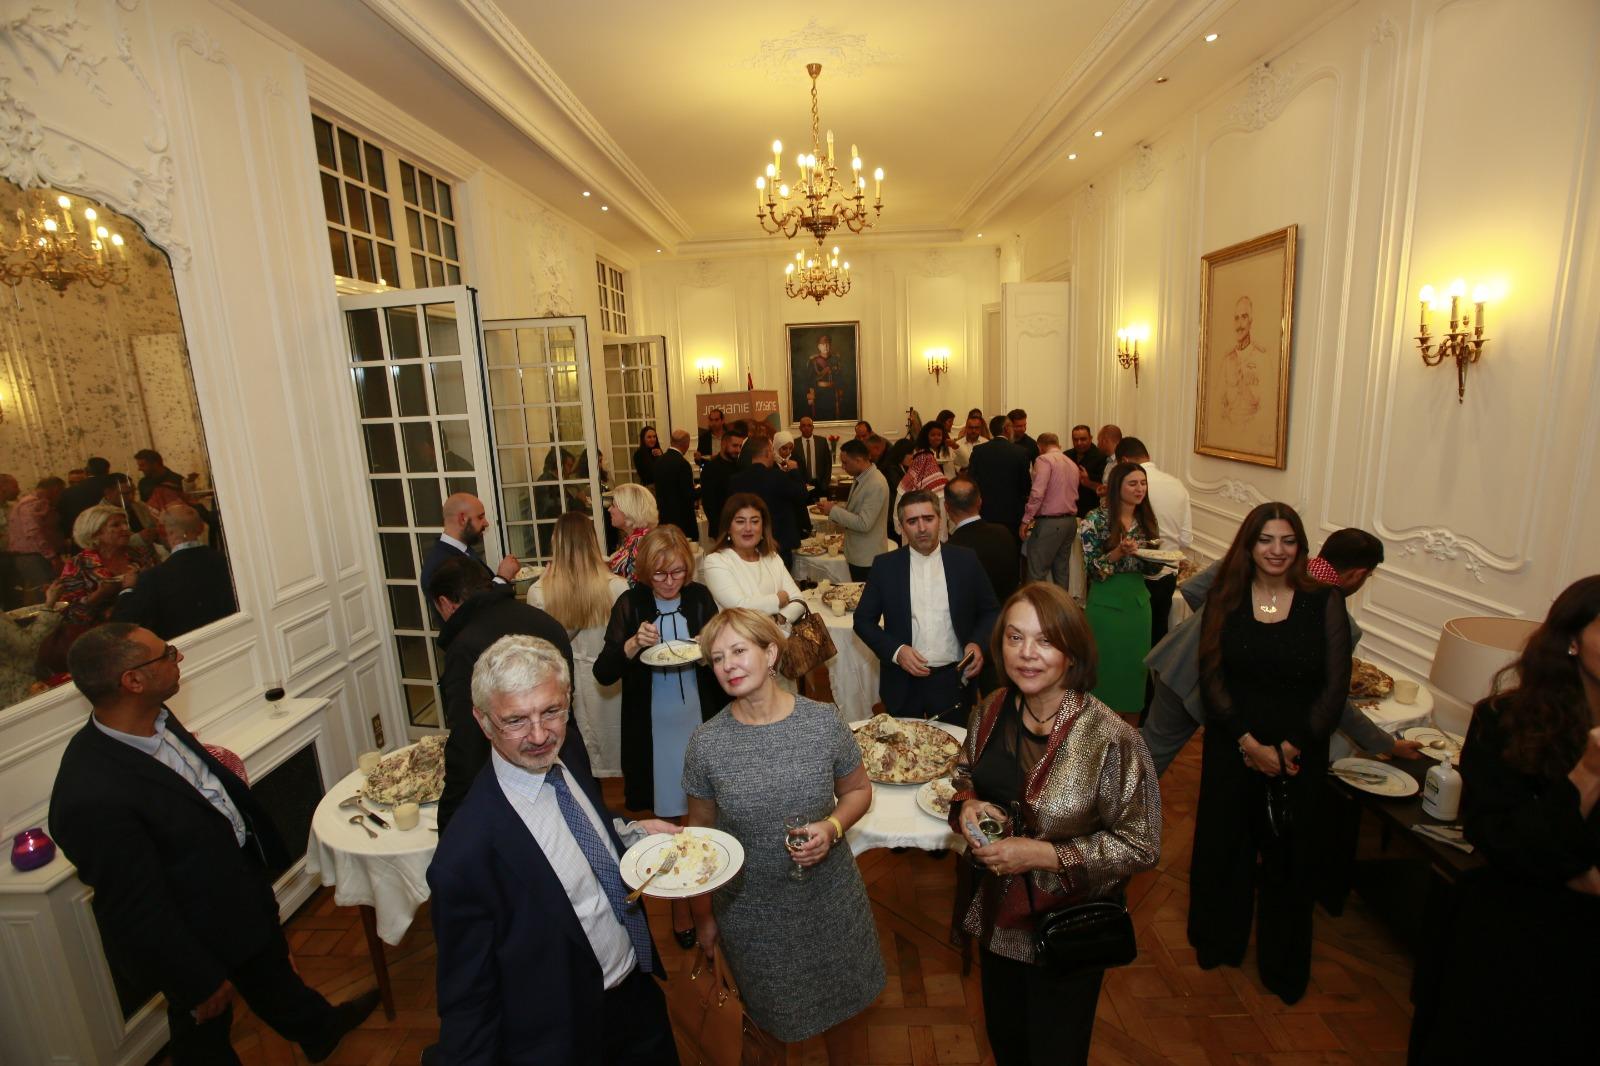 السفارة الاردنية في باريس تنظم احتفالا بمناسبة ادراج السلط على لائحة التراث العالمي